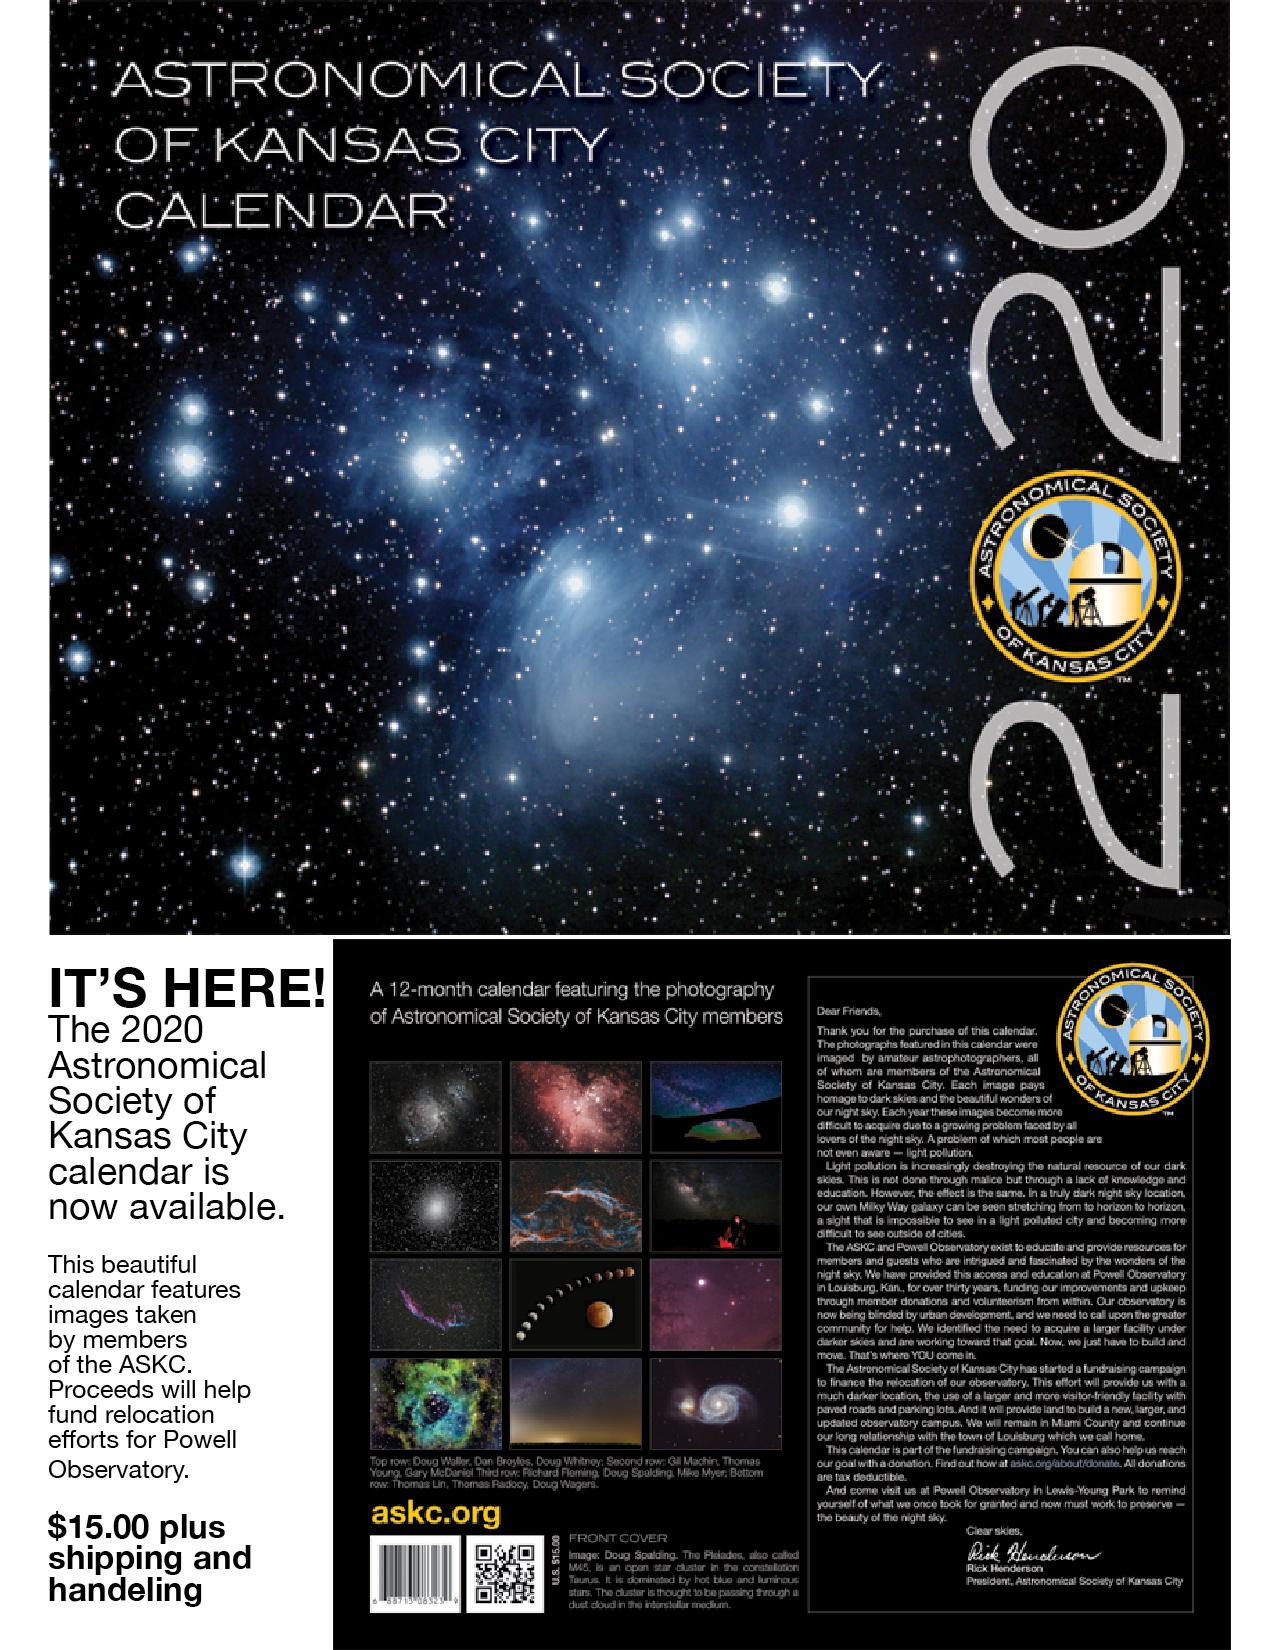 2020 ASKC Calendar